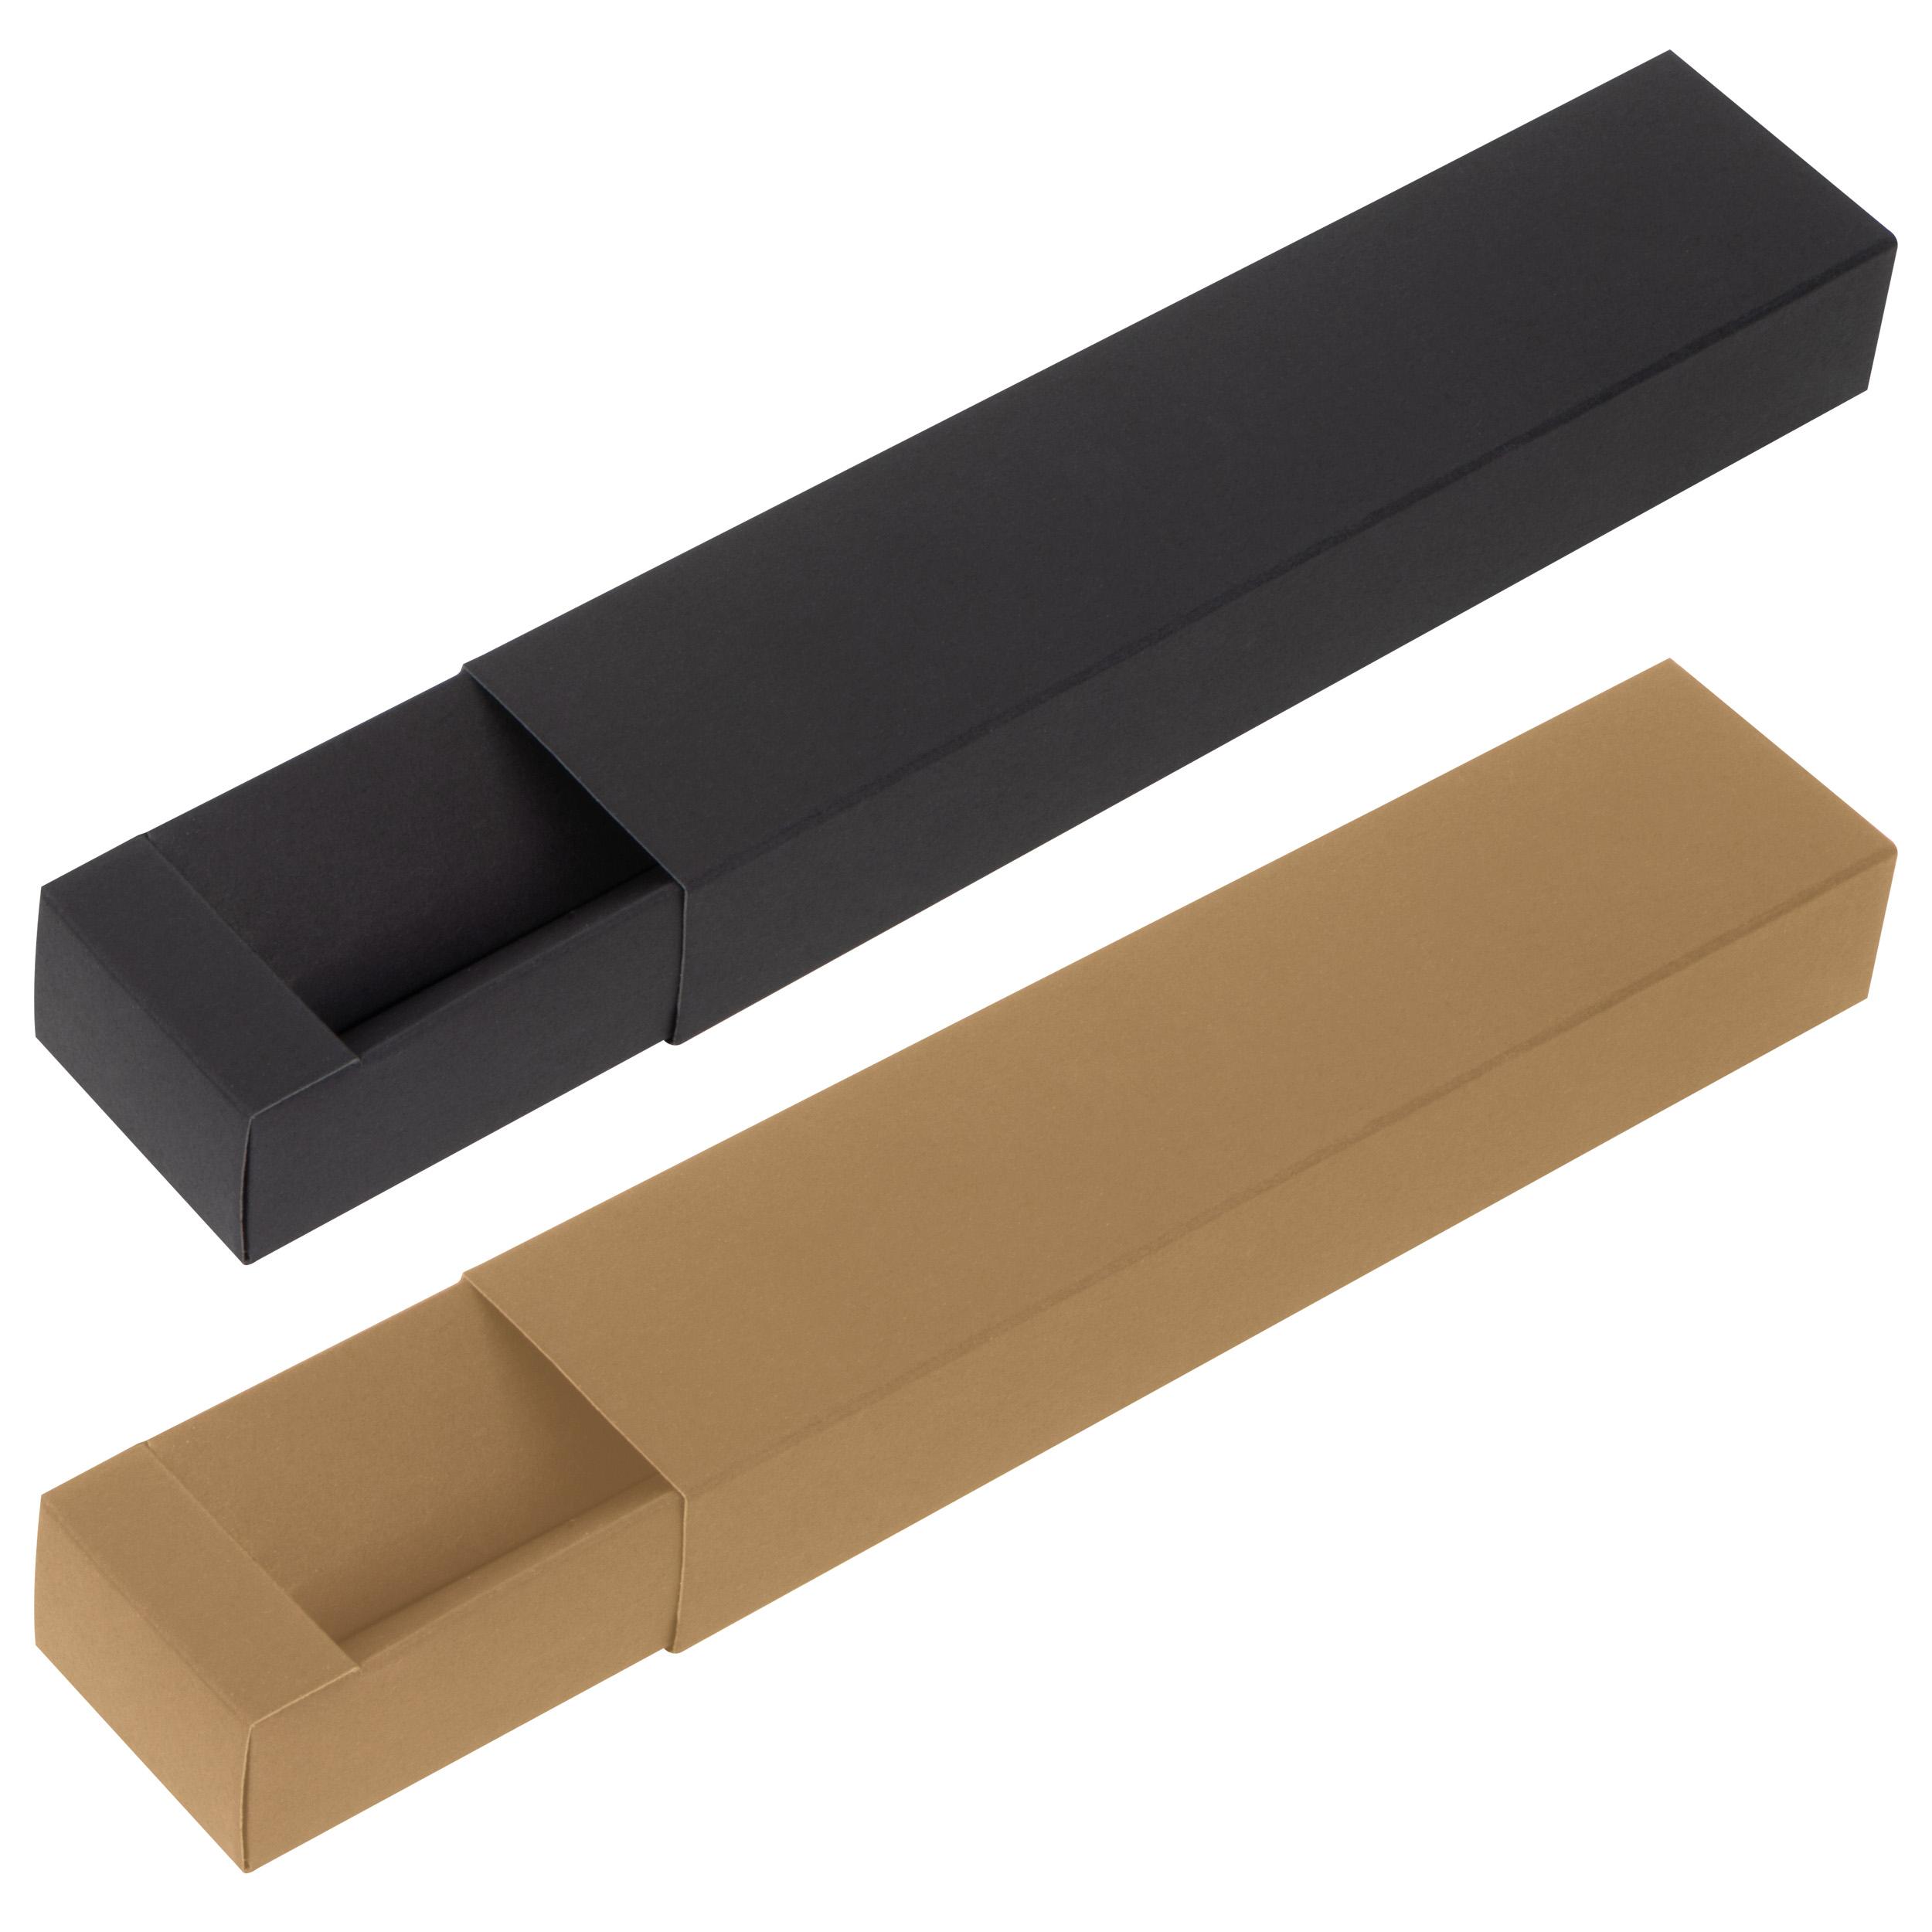 Pochette en carton pour un stylo